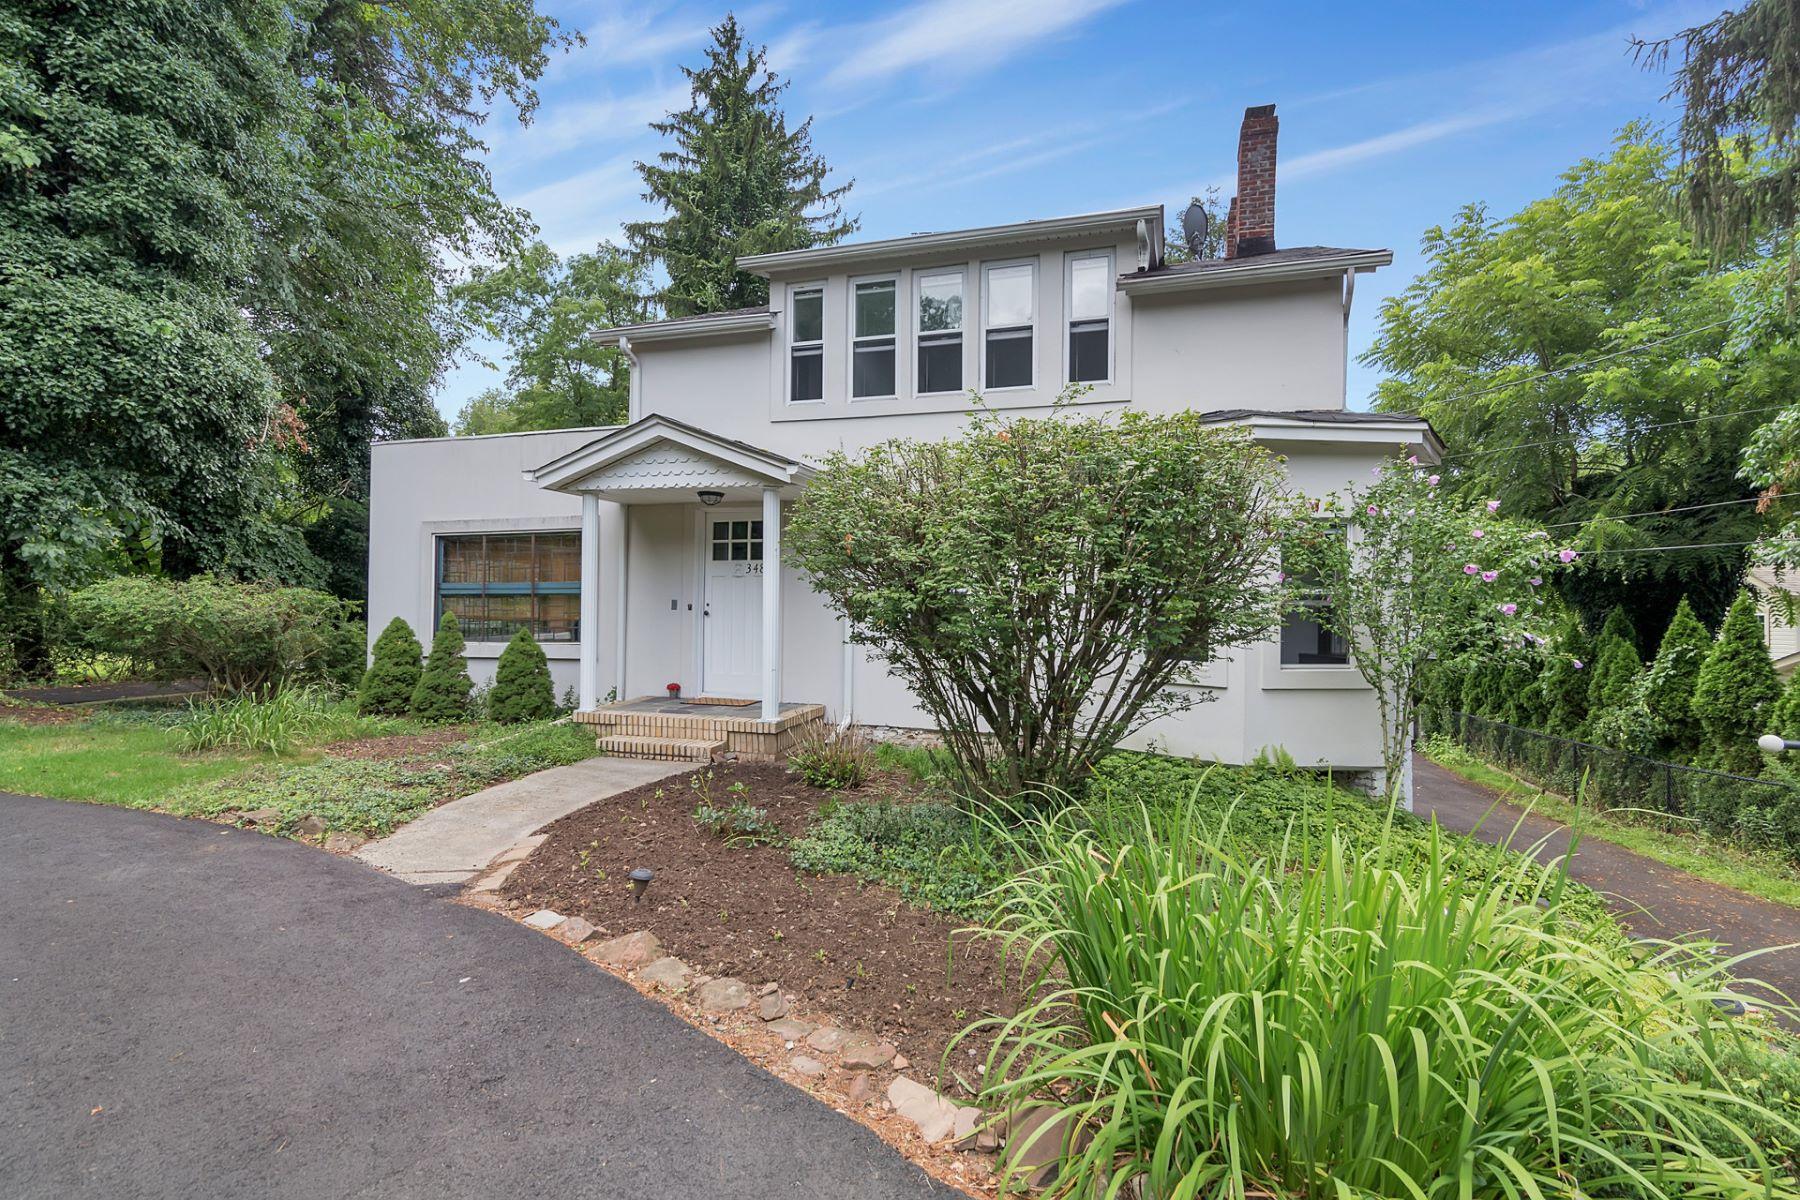 二世帯住宅 のために 売買 アット Two Family 348 Schraalenburgh Rd Closter, ニュージャージー 07624 アメリカ合衆国